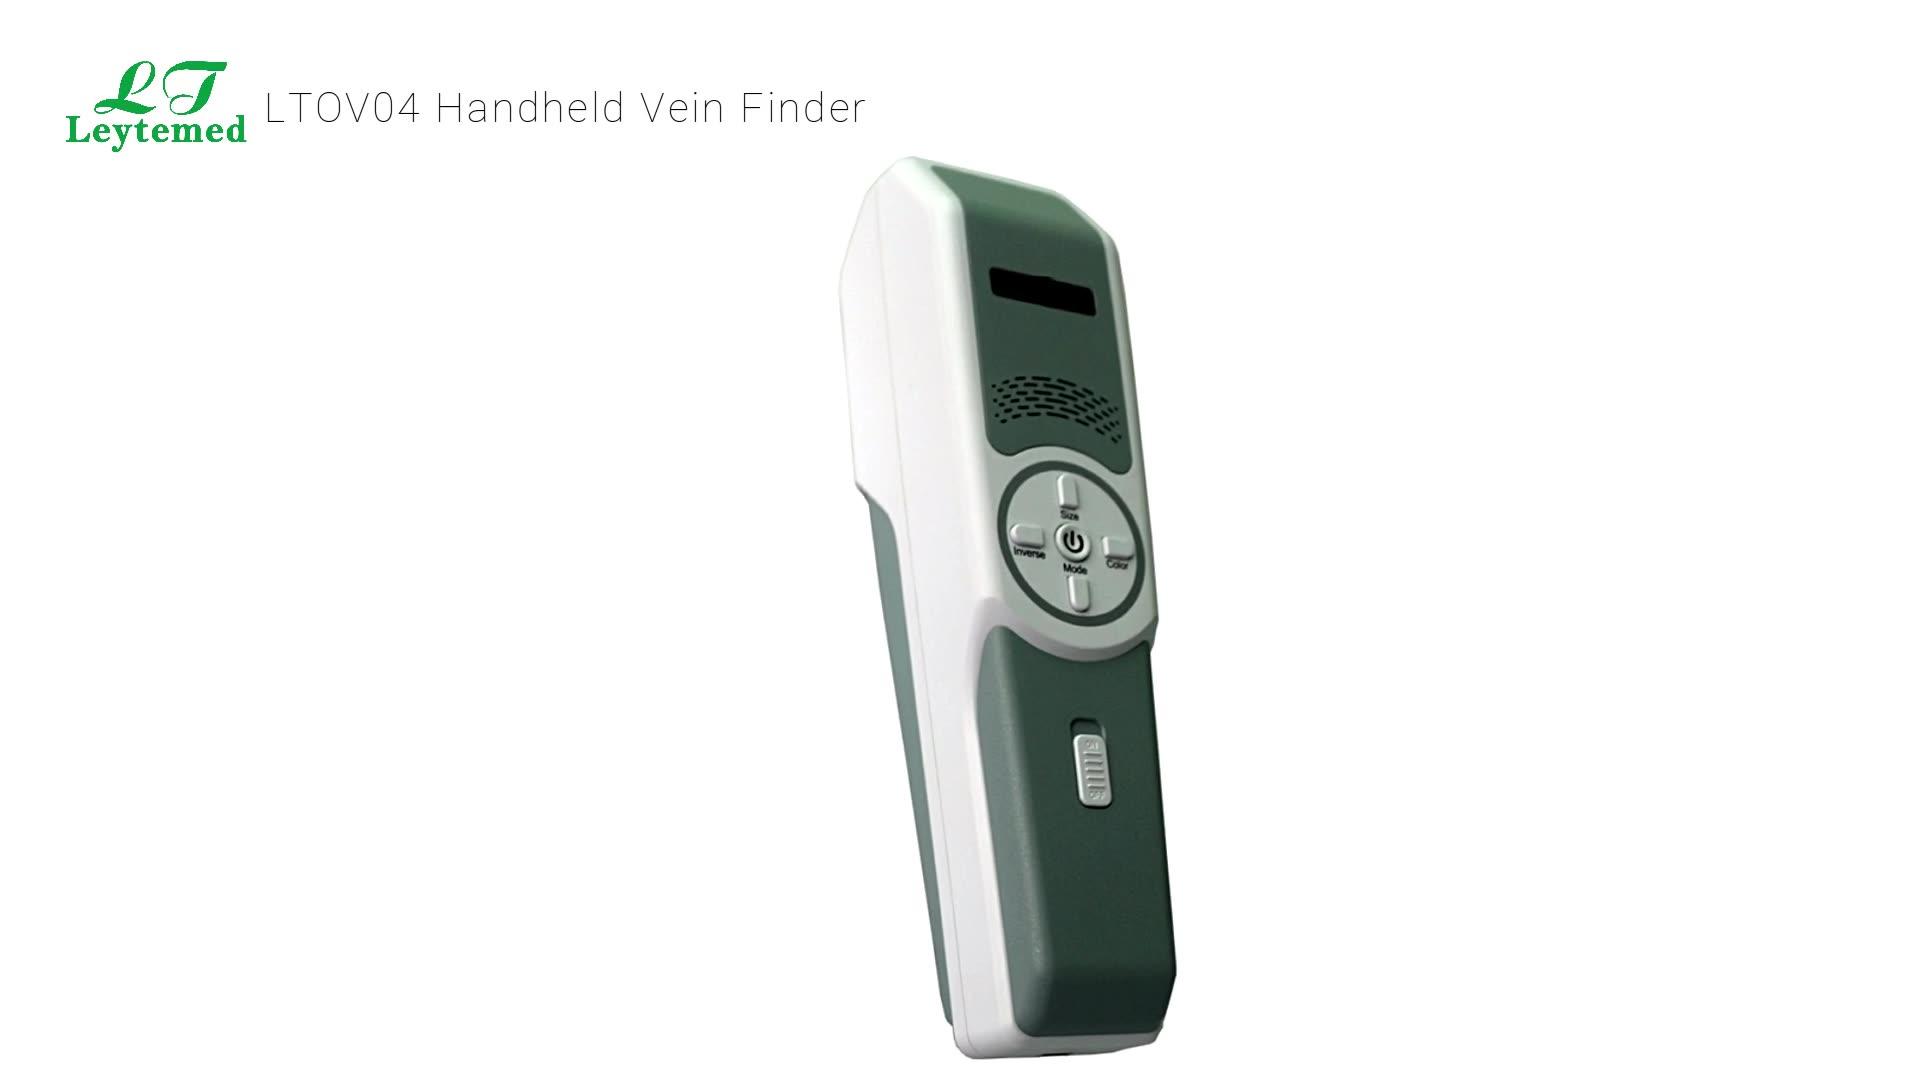 LTOV04 Top sale hospital infrared handheld vein Finder for patient